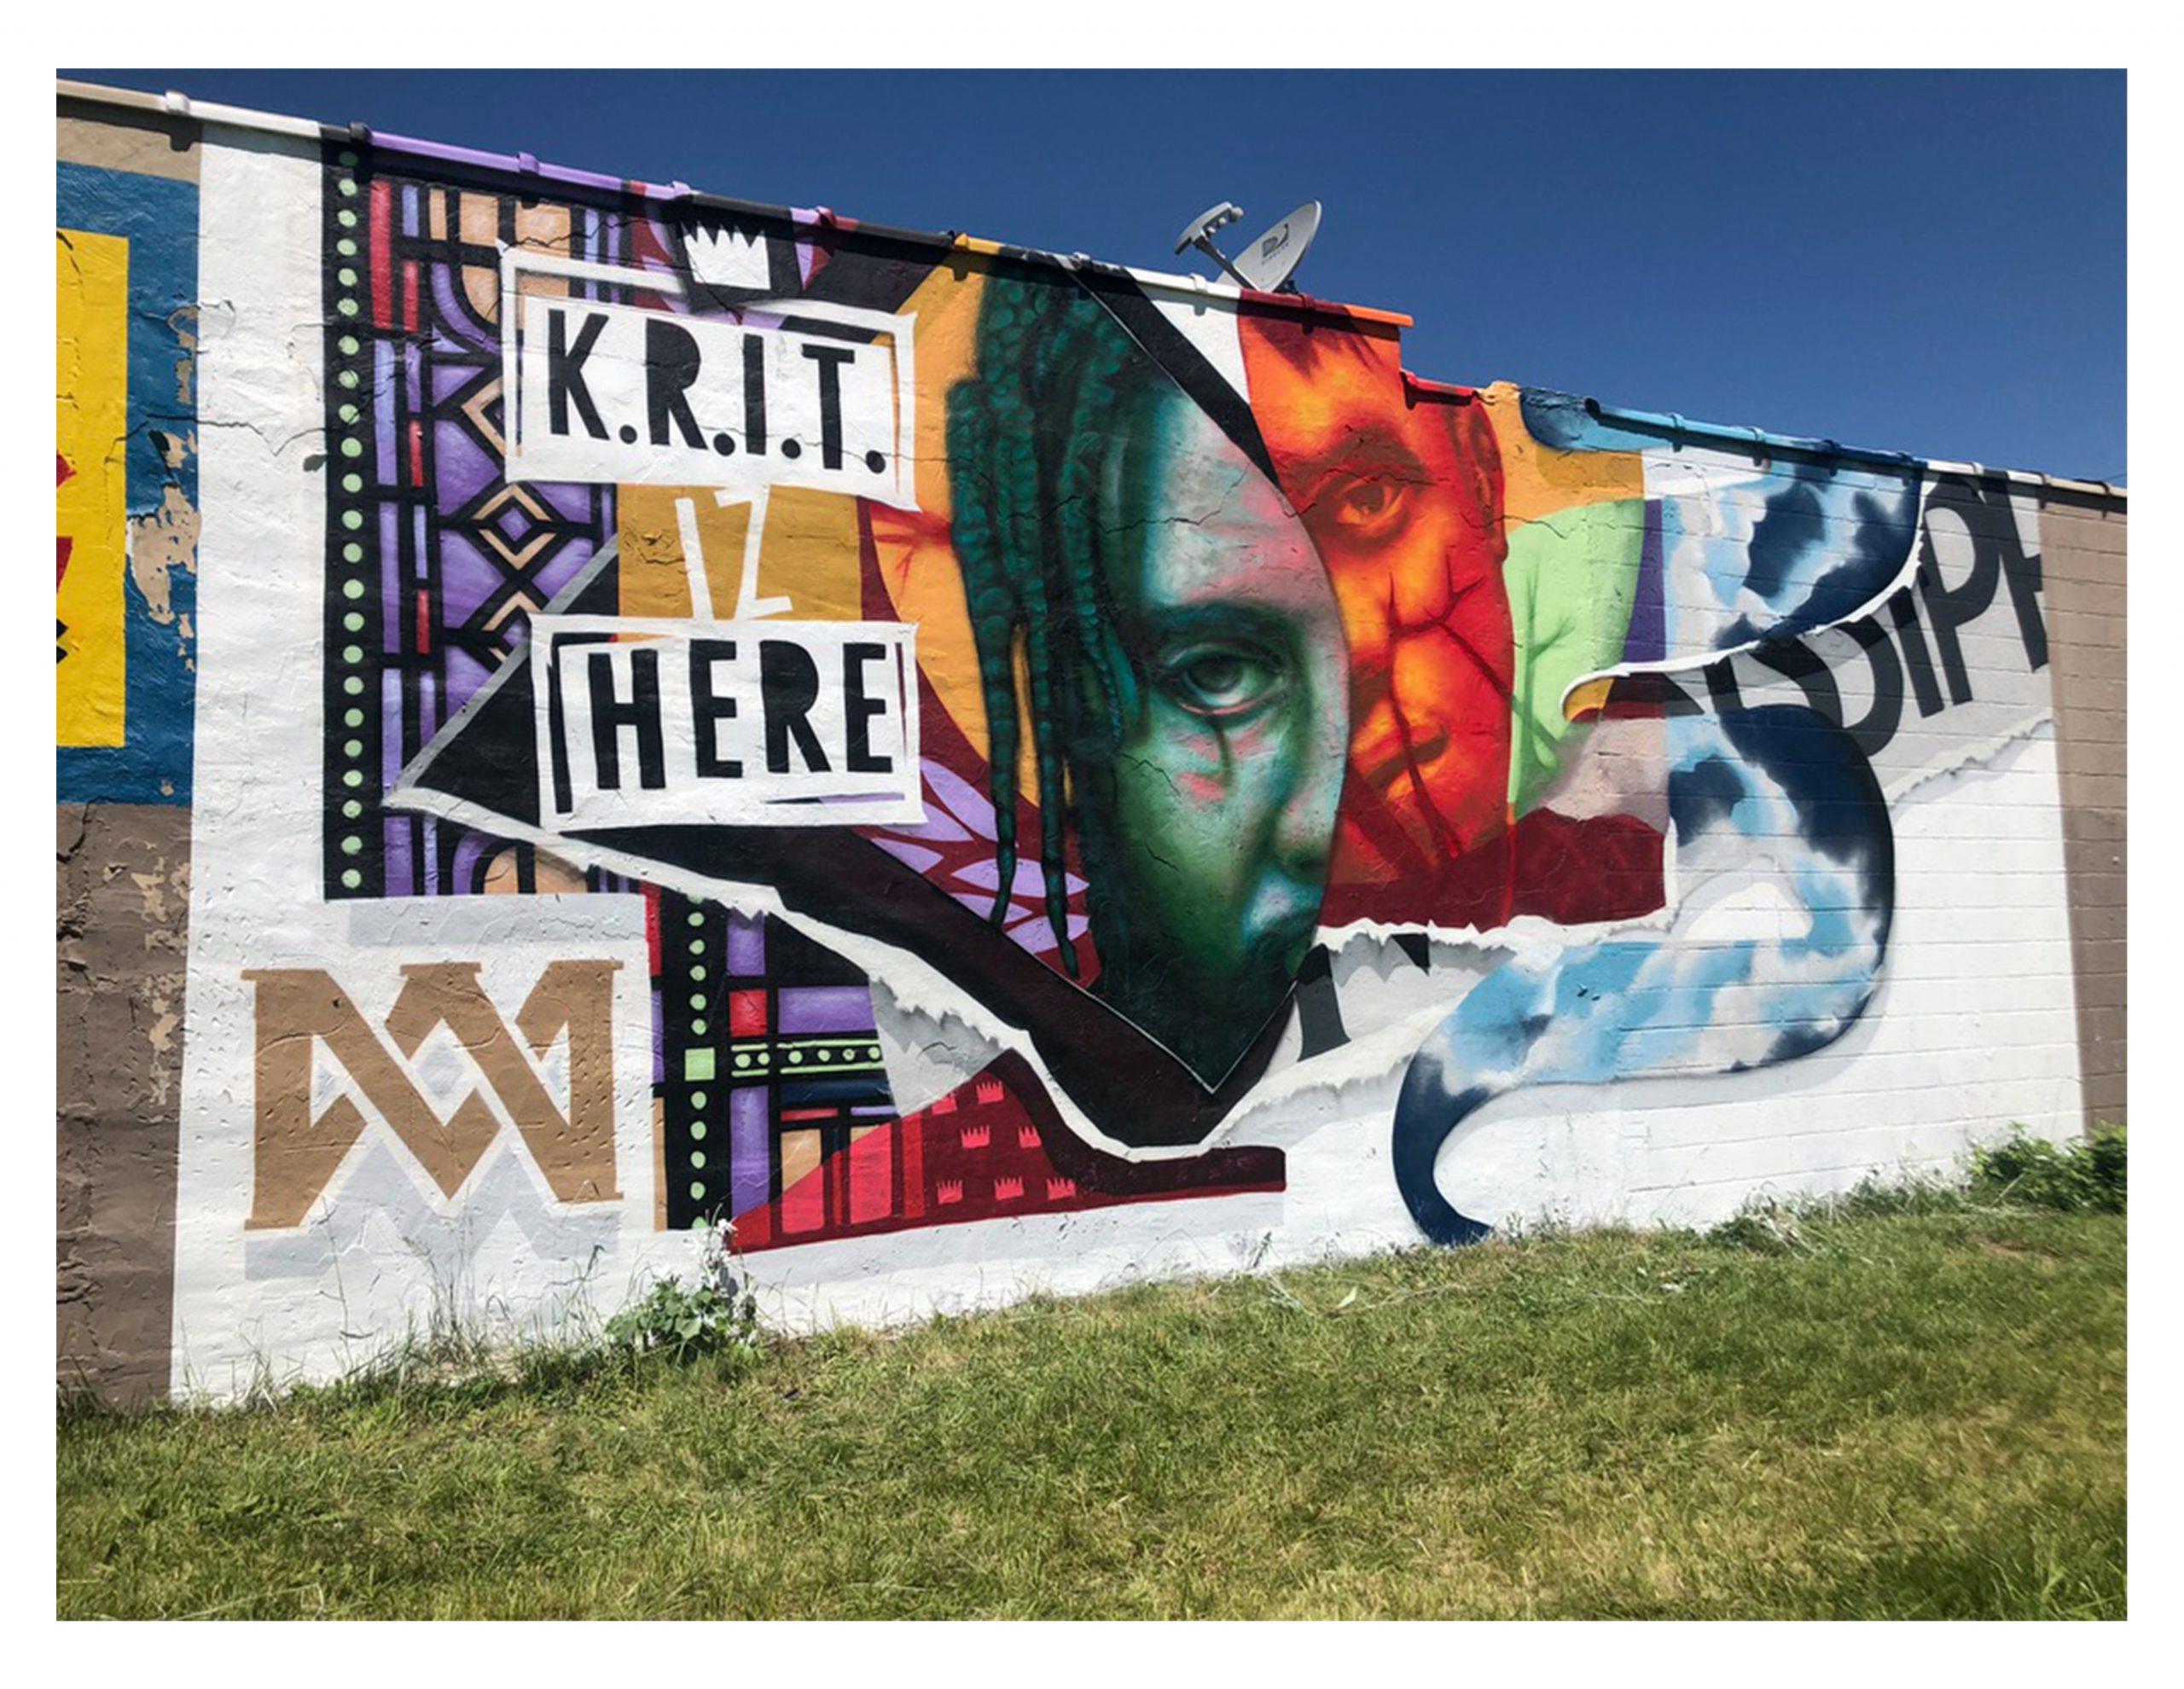 http://BRANDONGAIAMARSHALL.COM/wp-content/uploads/2020/01/Krit_Here_Mural-scaled.jpg